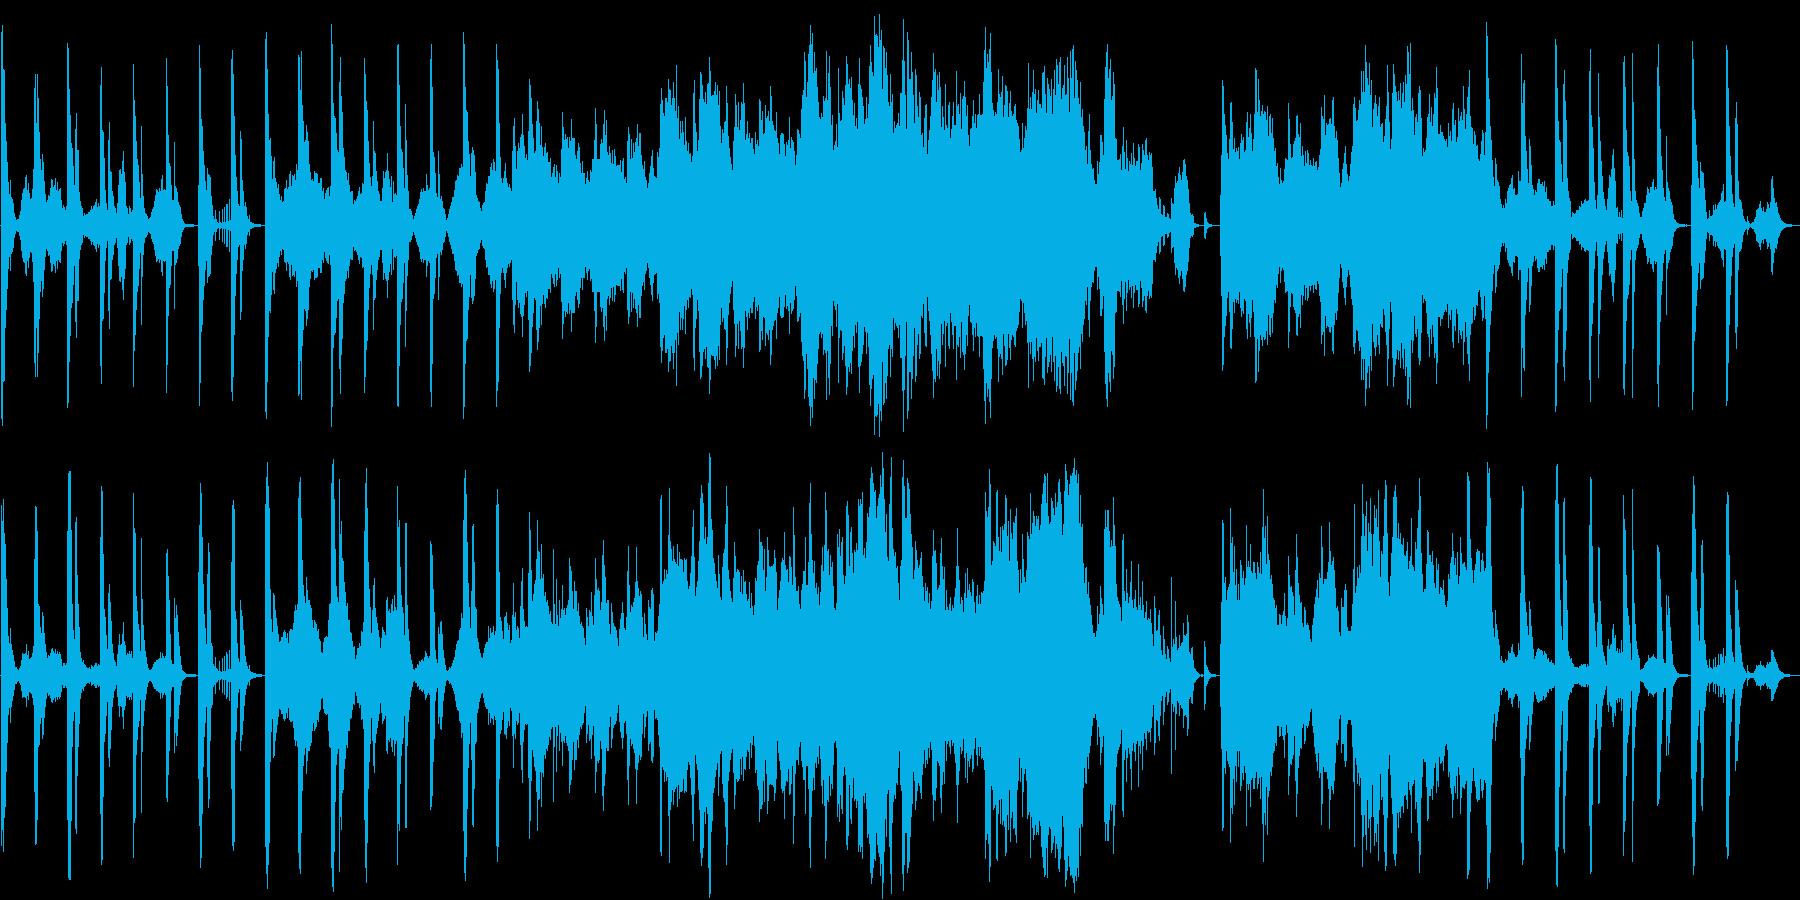 木管のメロディーとピアノのしっとり音楽の再生済みの波形